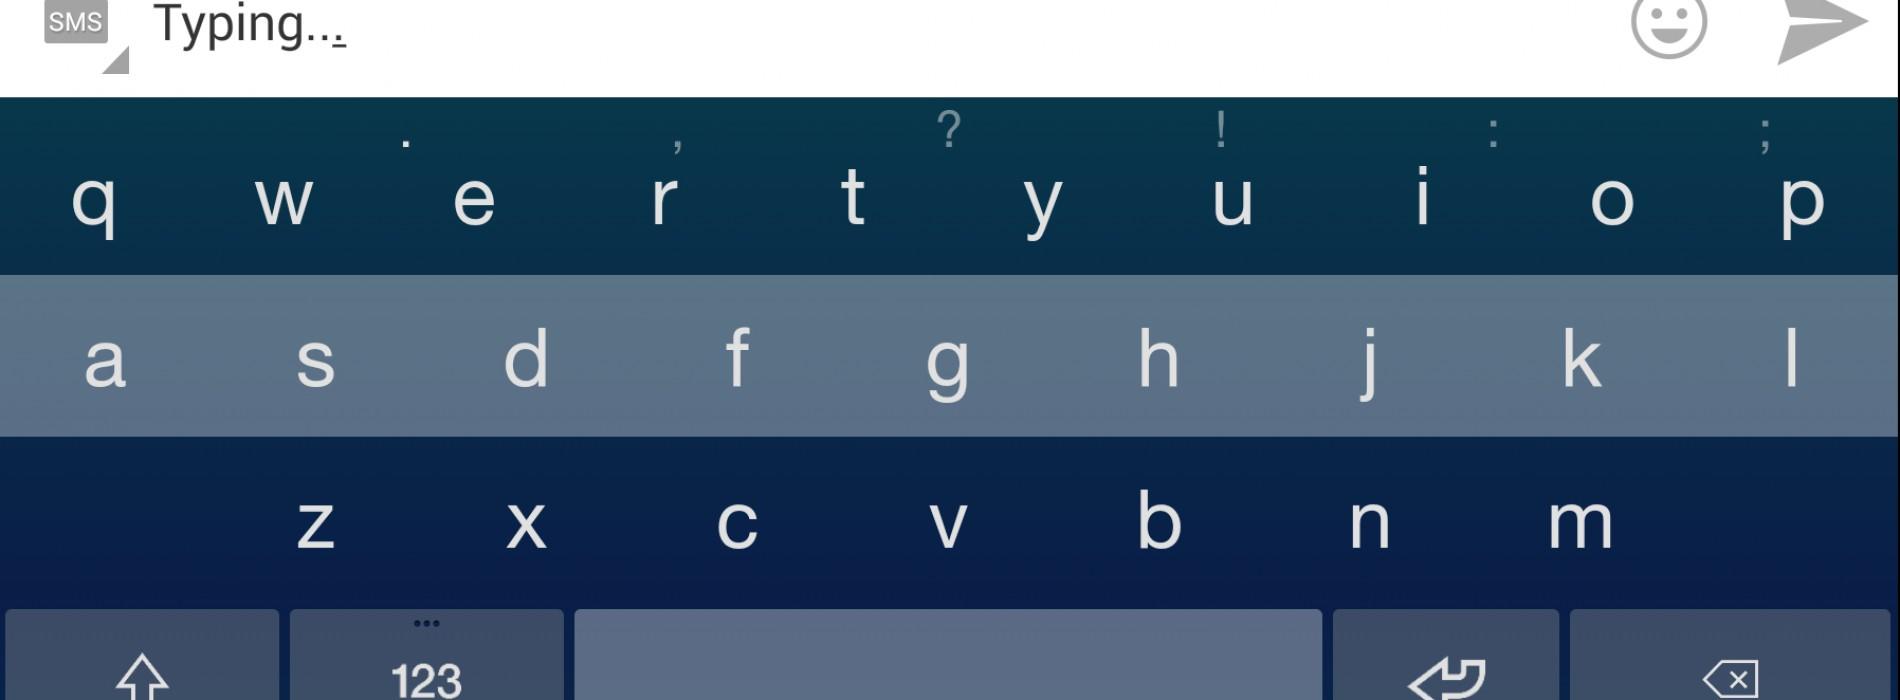 Fleksy Keyboard review